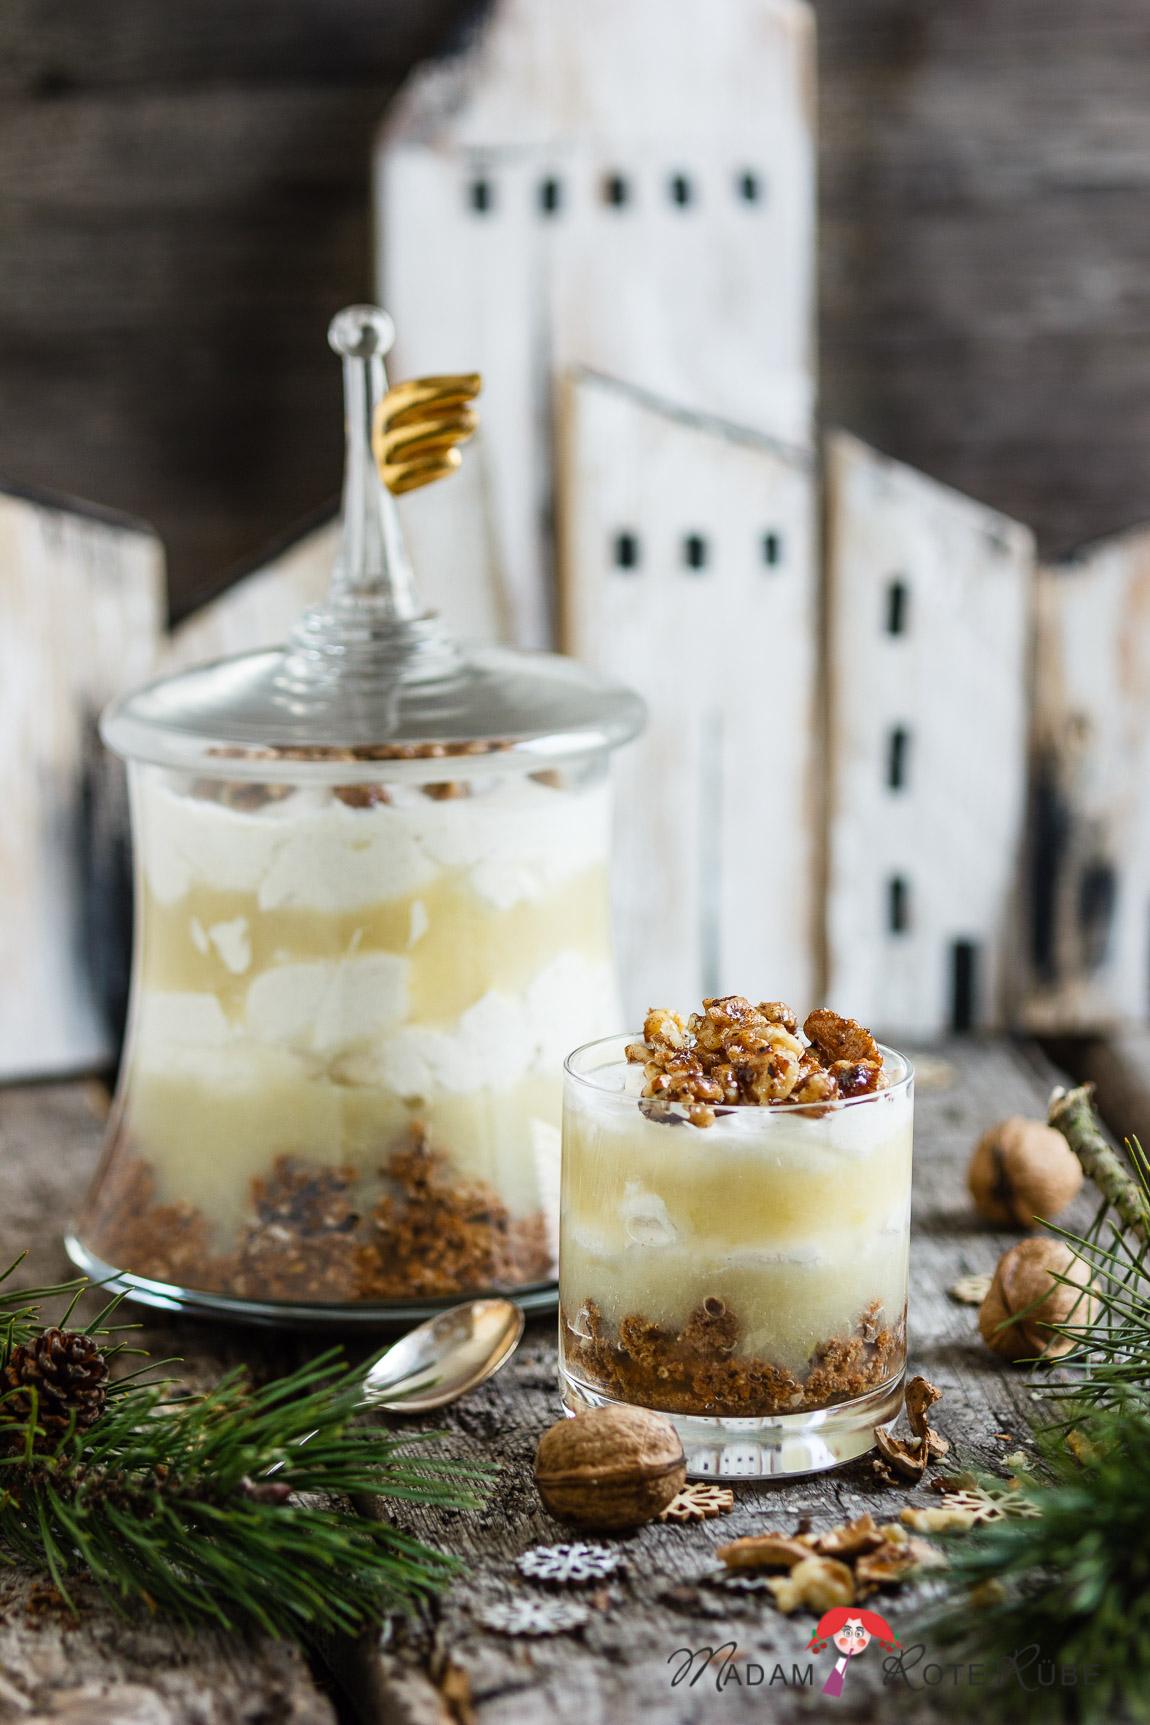 Gewürzkuchen Dessert mit Zimtcreme, Apfelmus und Walnussgeknusper